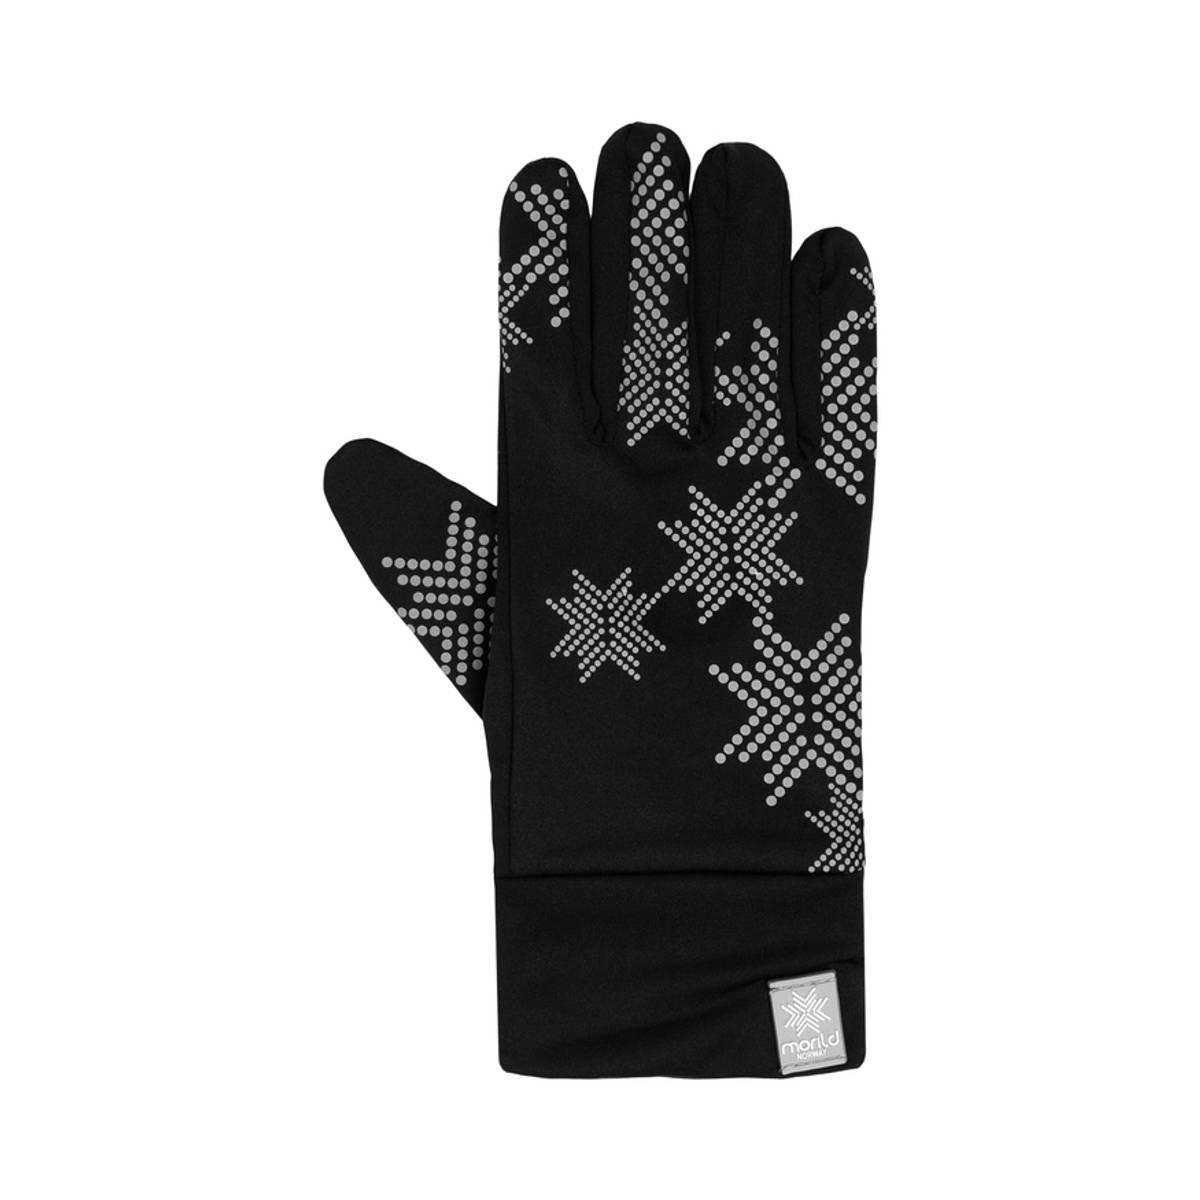 Morild Skimre hanske med refleks, sort